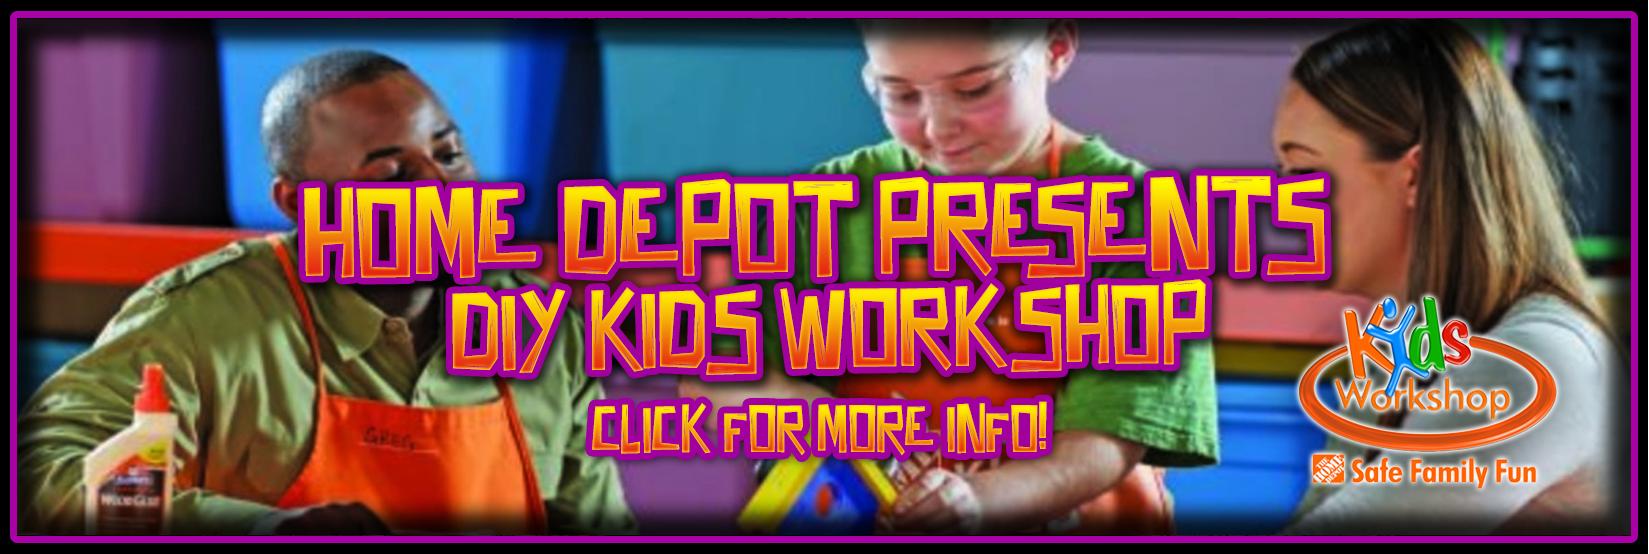 Home-Depot-DIY-Kids-Workshop-Banner-Click-Here.png